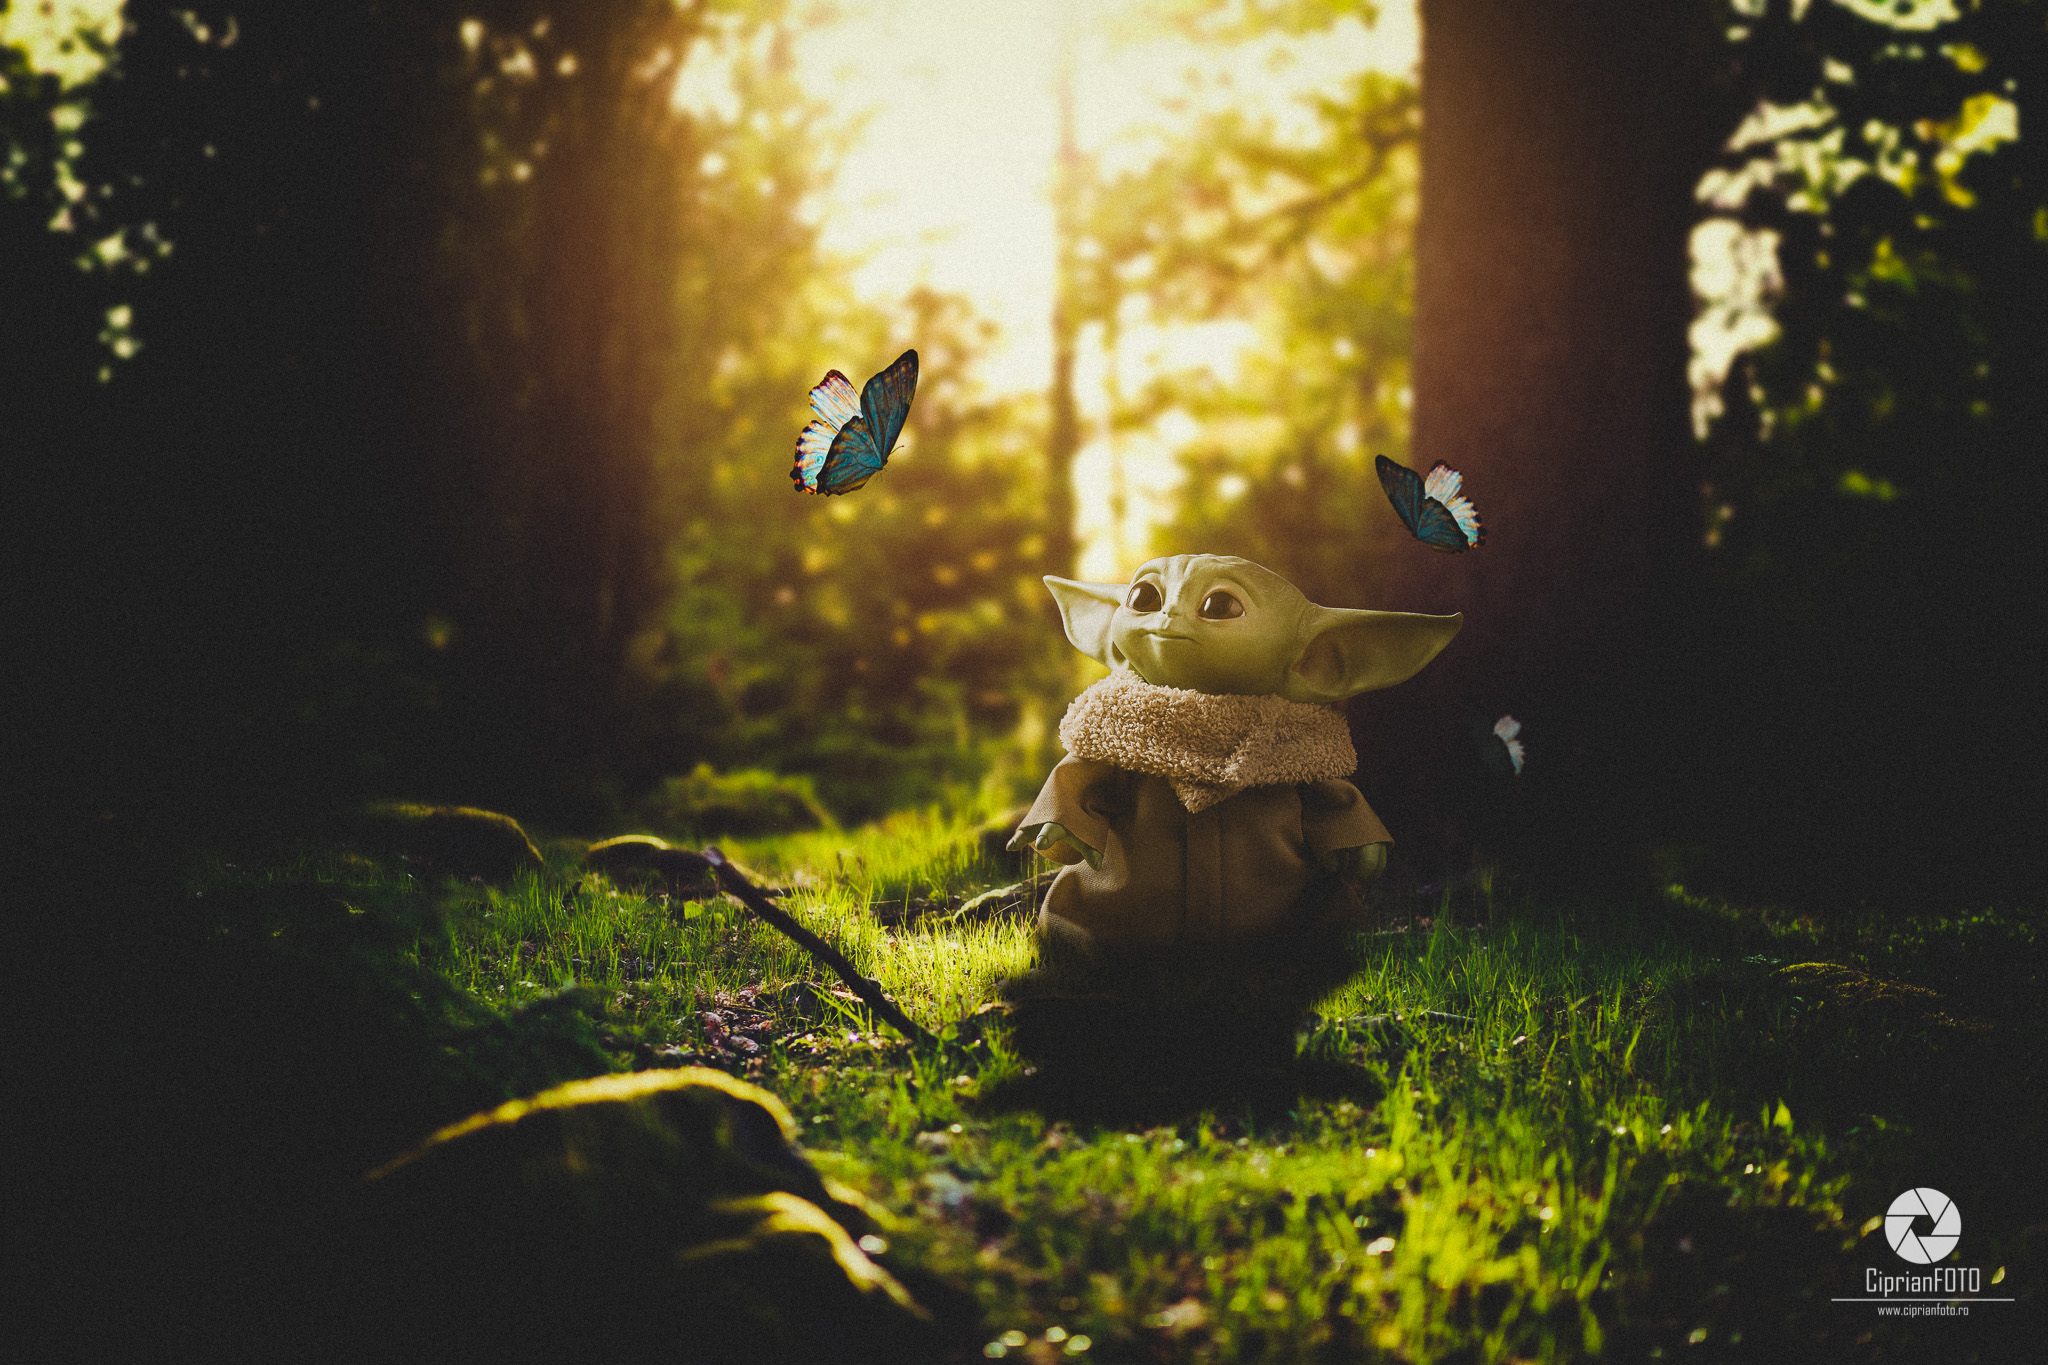 Baby Yoda, Fantasy Fine Art Scene, Photoshop Manipulation Tutorial, CiprianFOTO